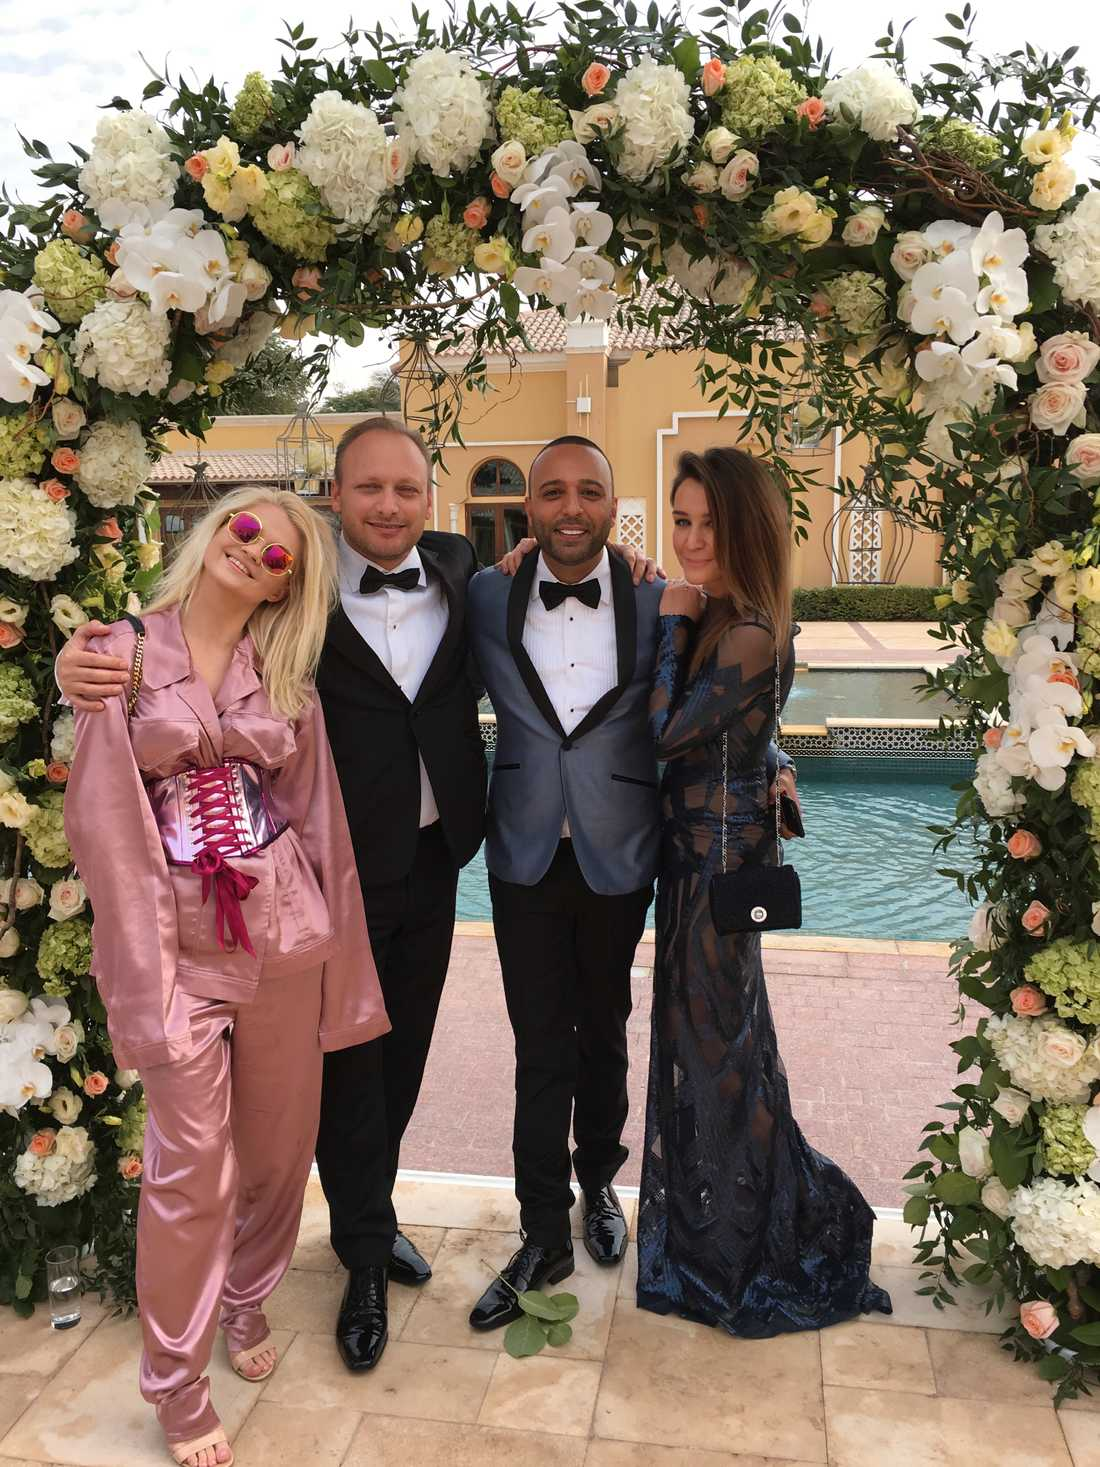 Polska stjärnan Margaret (till vänster) fanns bland gästerna tillsammans med bland andra svenska världsartisten Arash Labaf (tvåa från höger).